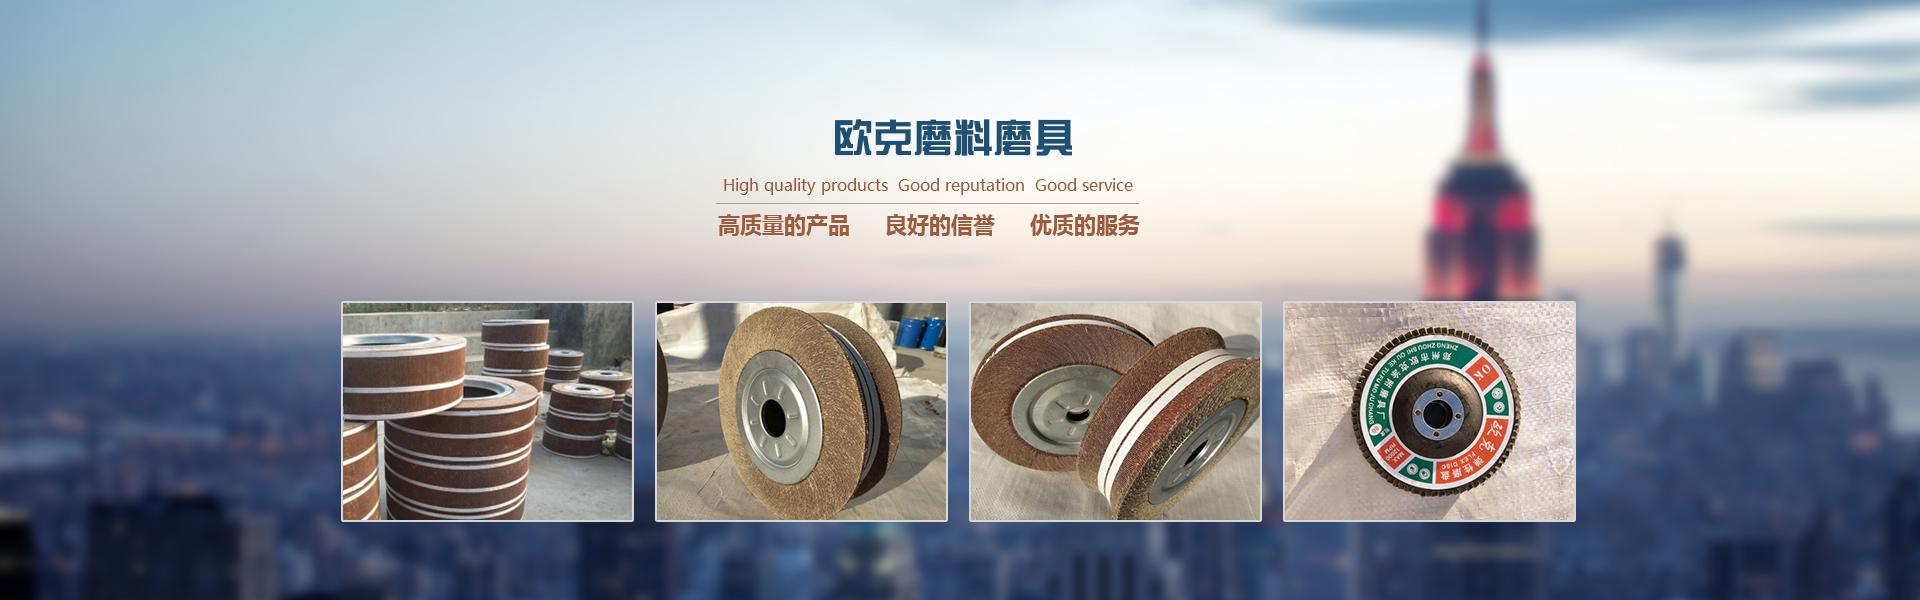 千頁輪生産廠家歐克磨料磨具